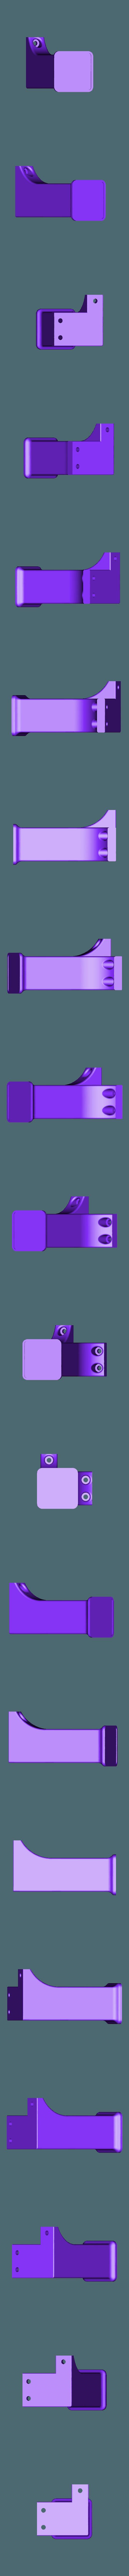 CR-10_Leg.stl Télécharger fichier STL gratuit CR-10 Pied W/Fonds en liège • Design pour impression 3D, Nacelle